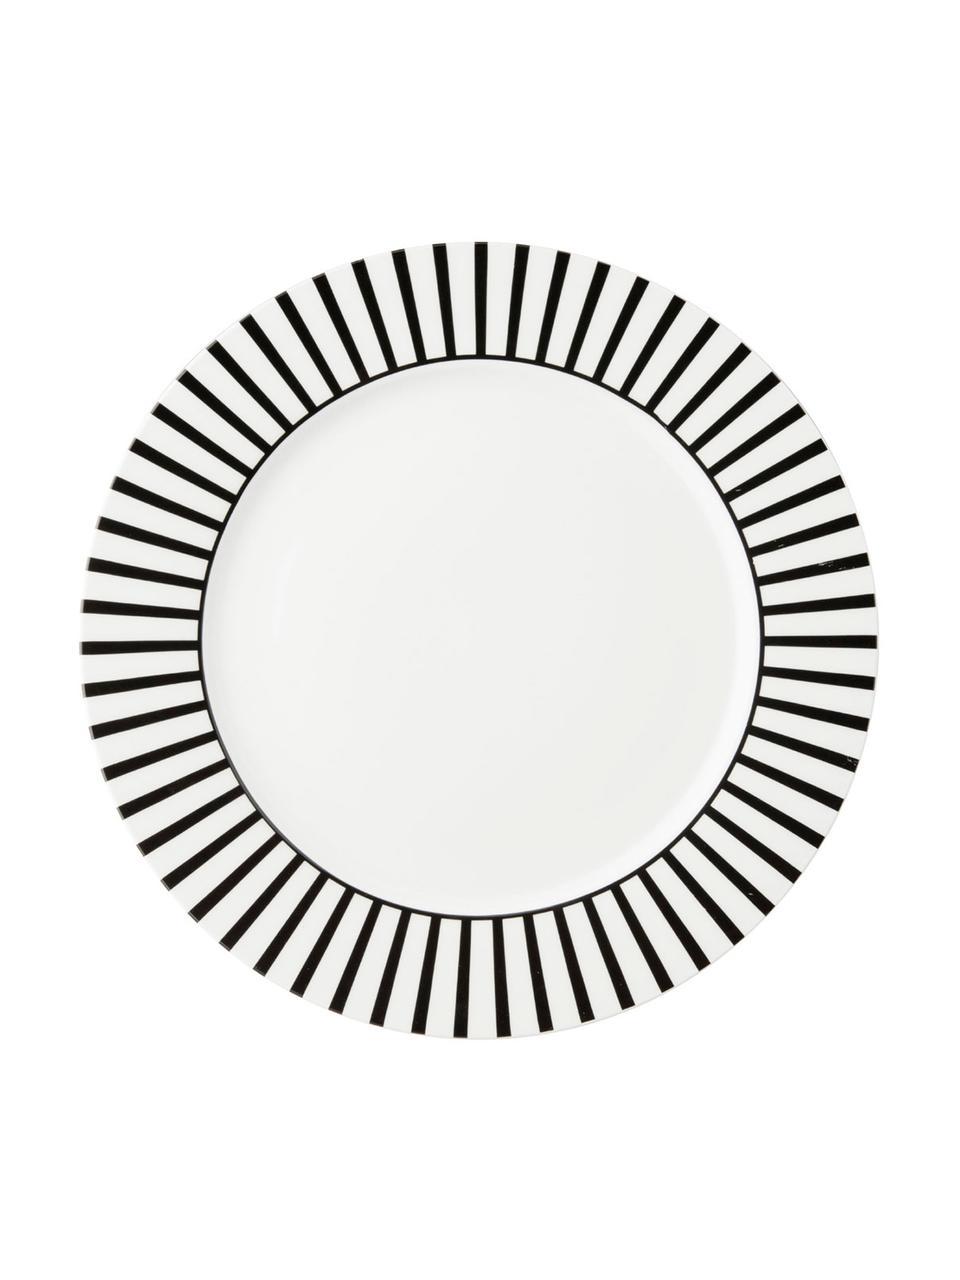 Piatto piano con decoro a righe Ceres Loft 4 pz, Porcellana, Bianco, nero, Ø 26 x Alt. 2 cm